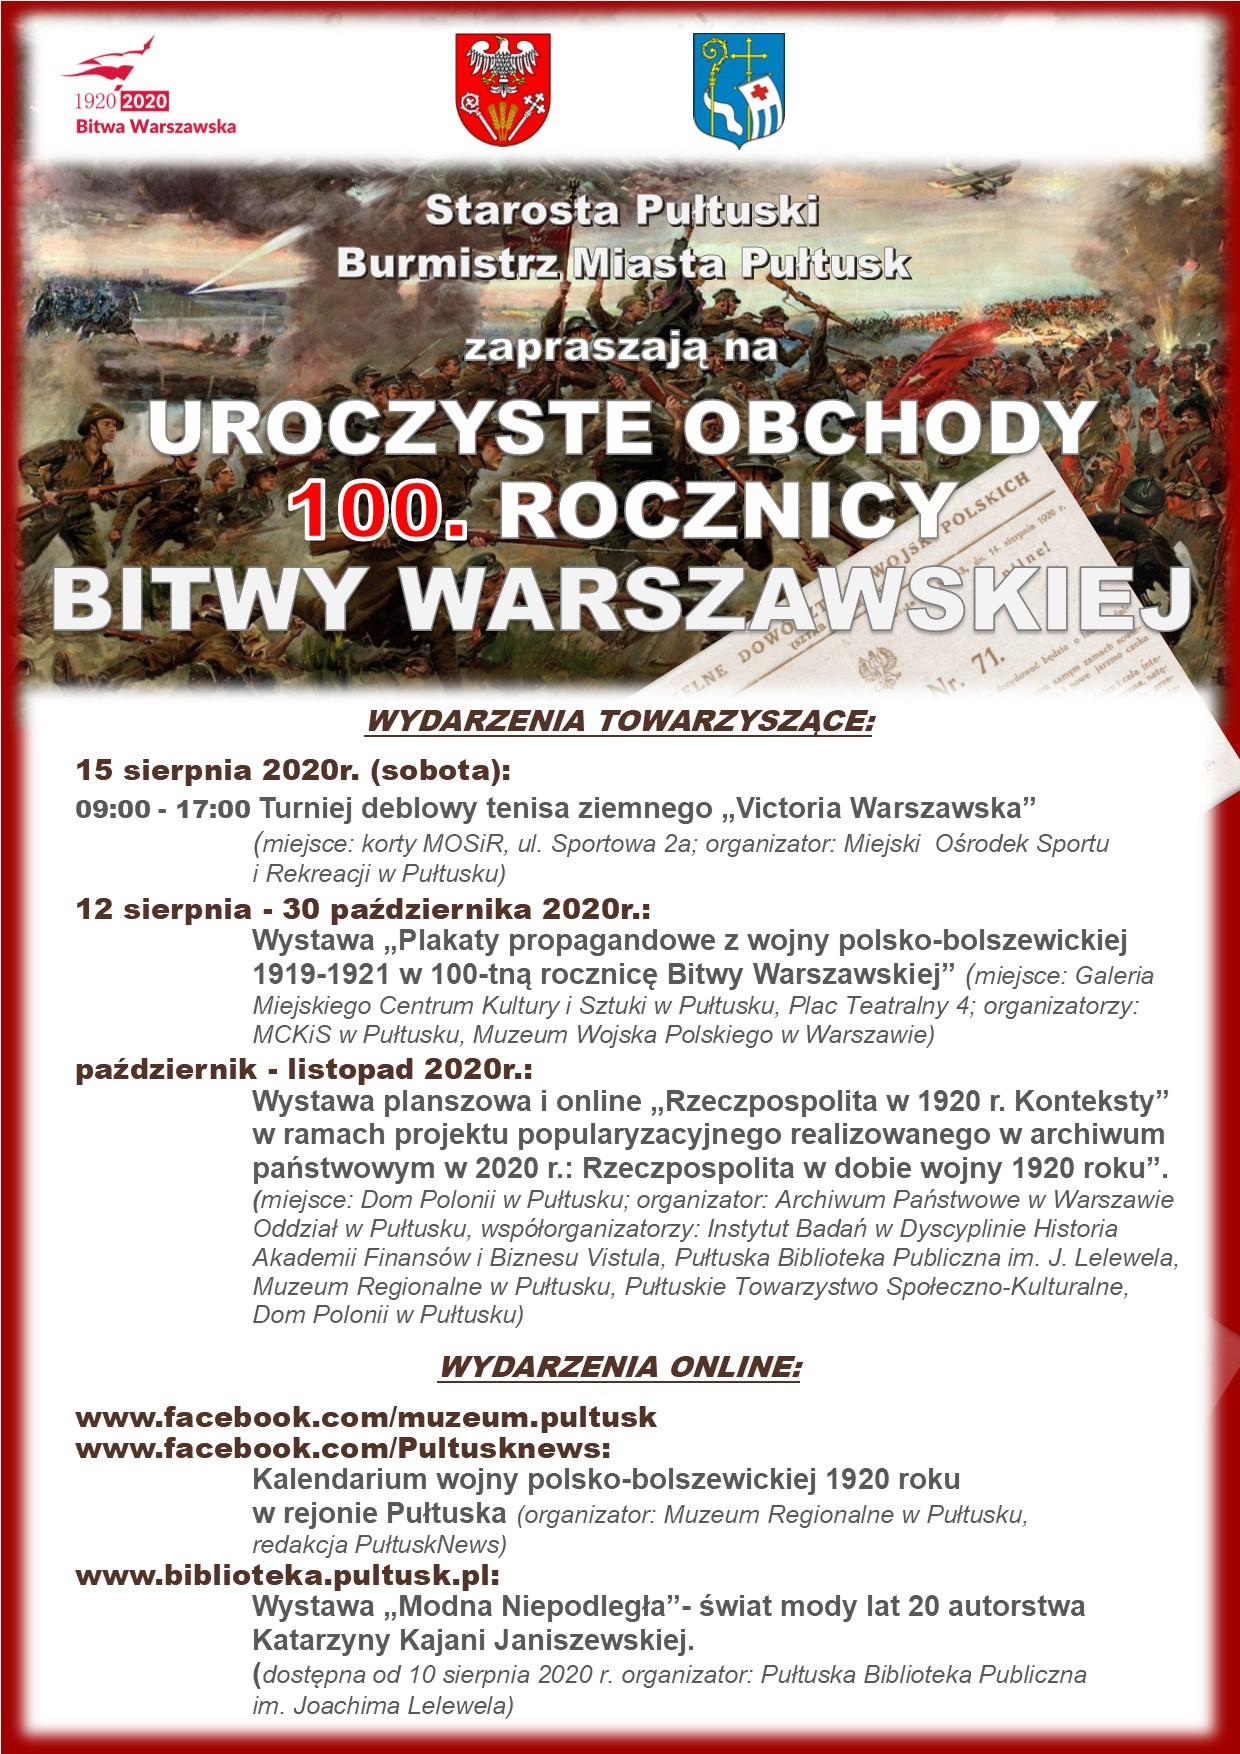 Plakat 100. rocznica Bitwy Warszawskiej – wydarzenia towarzyszące